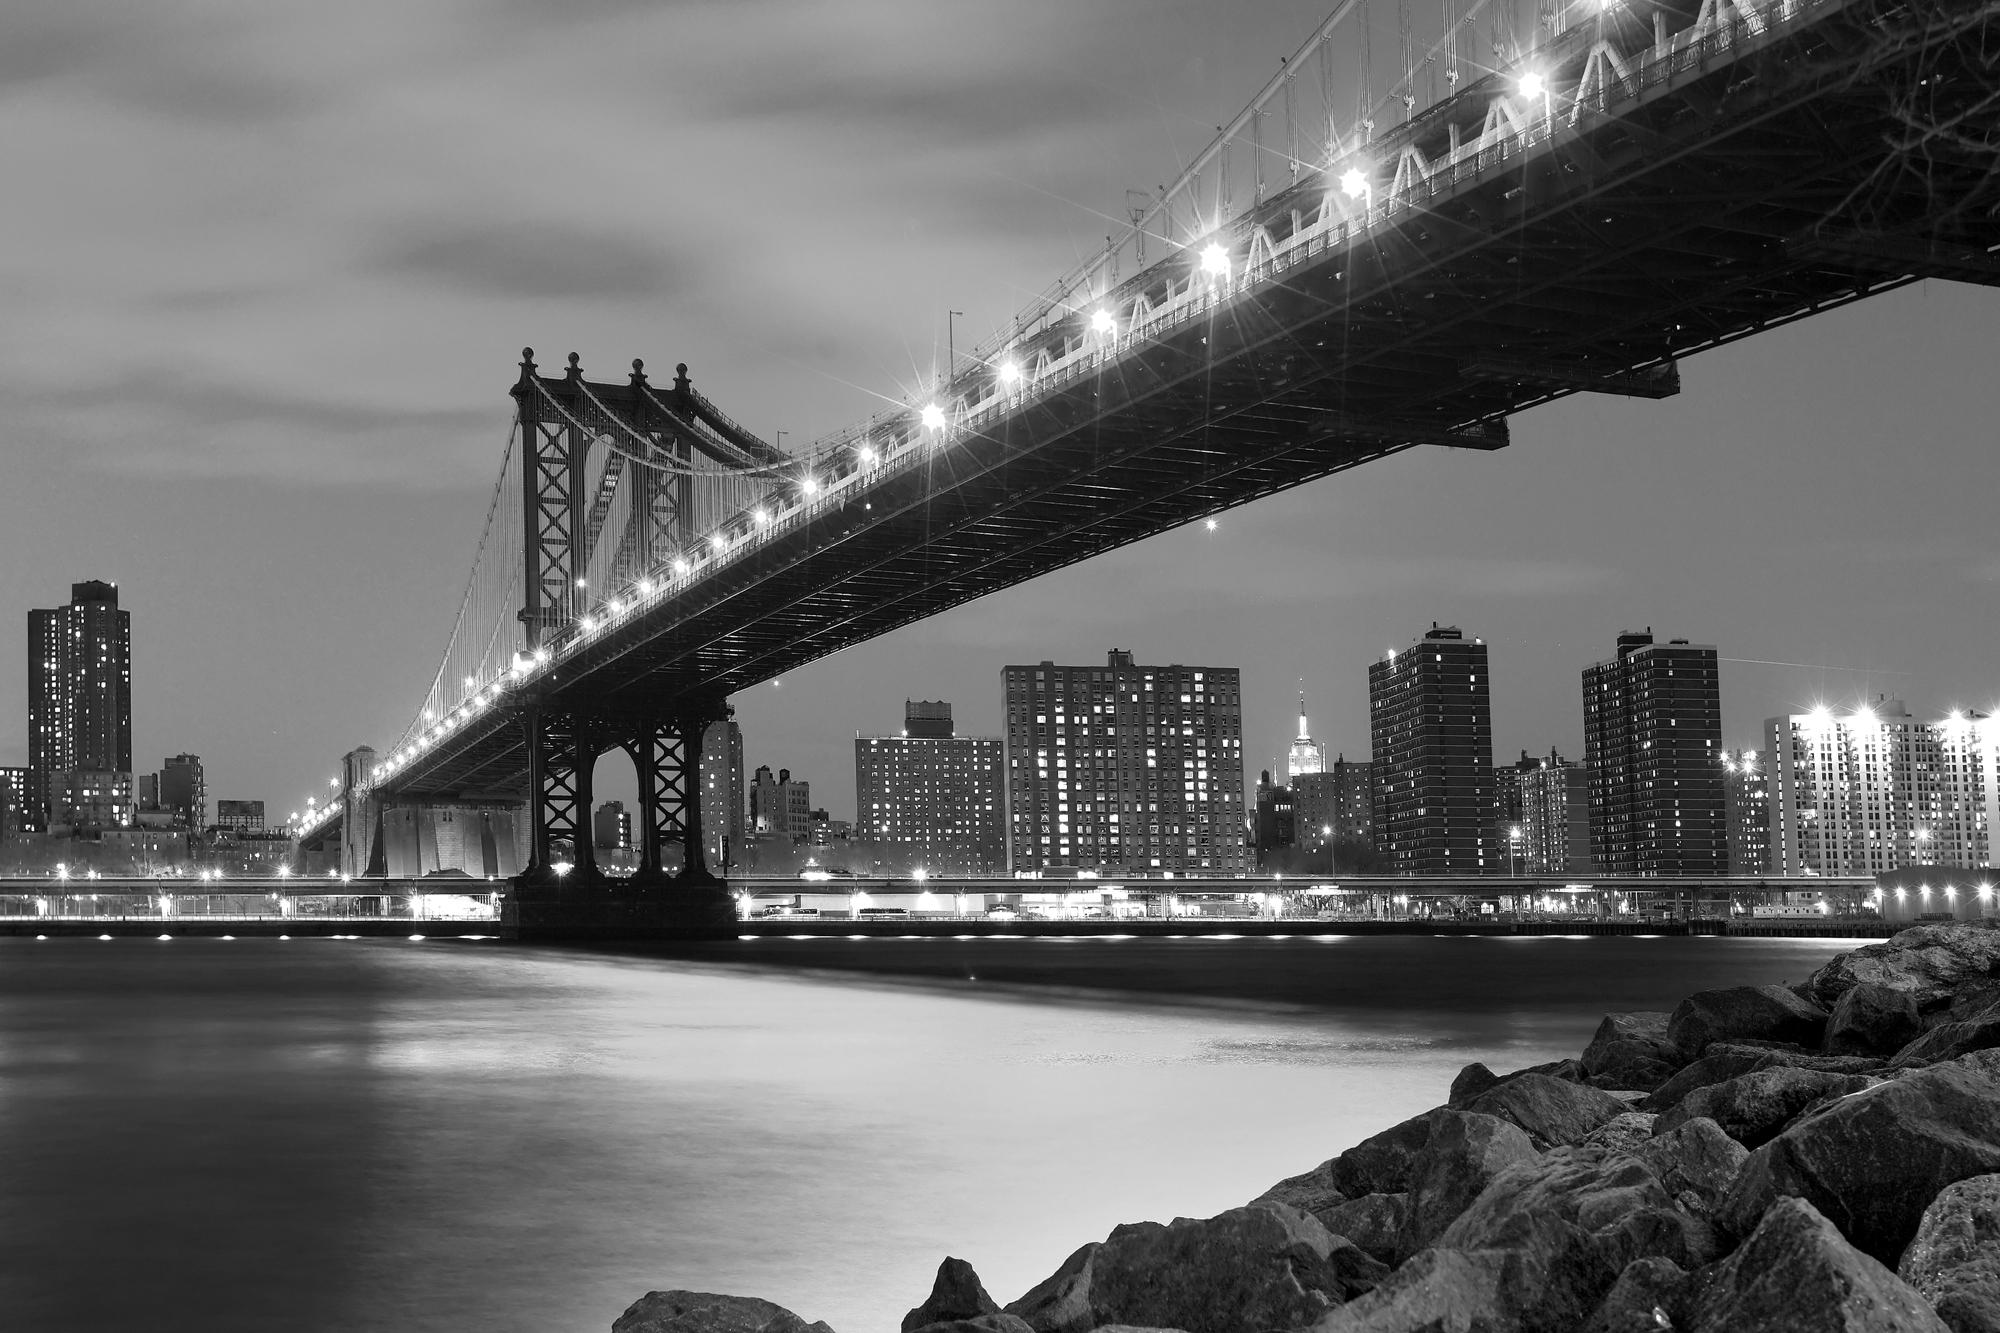 город фото черно белые мостовая опубликовал